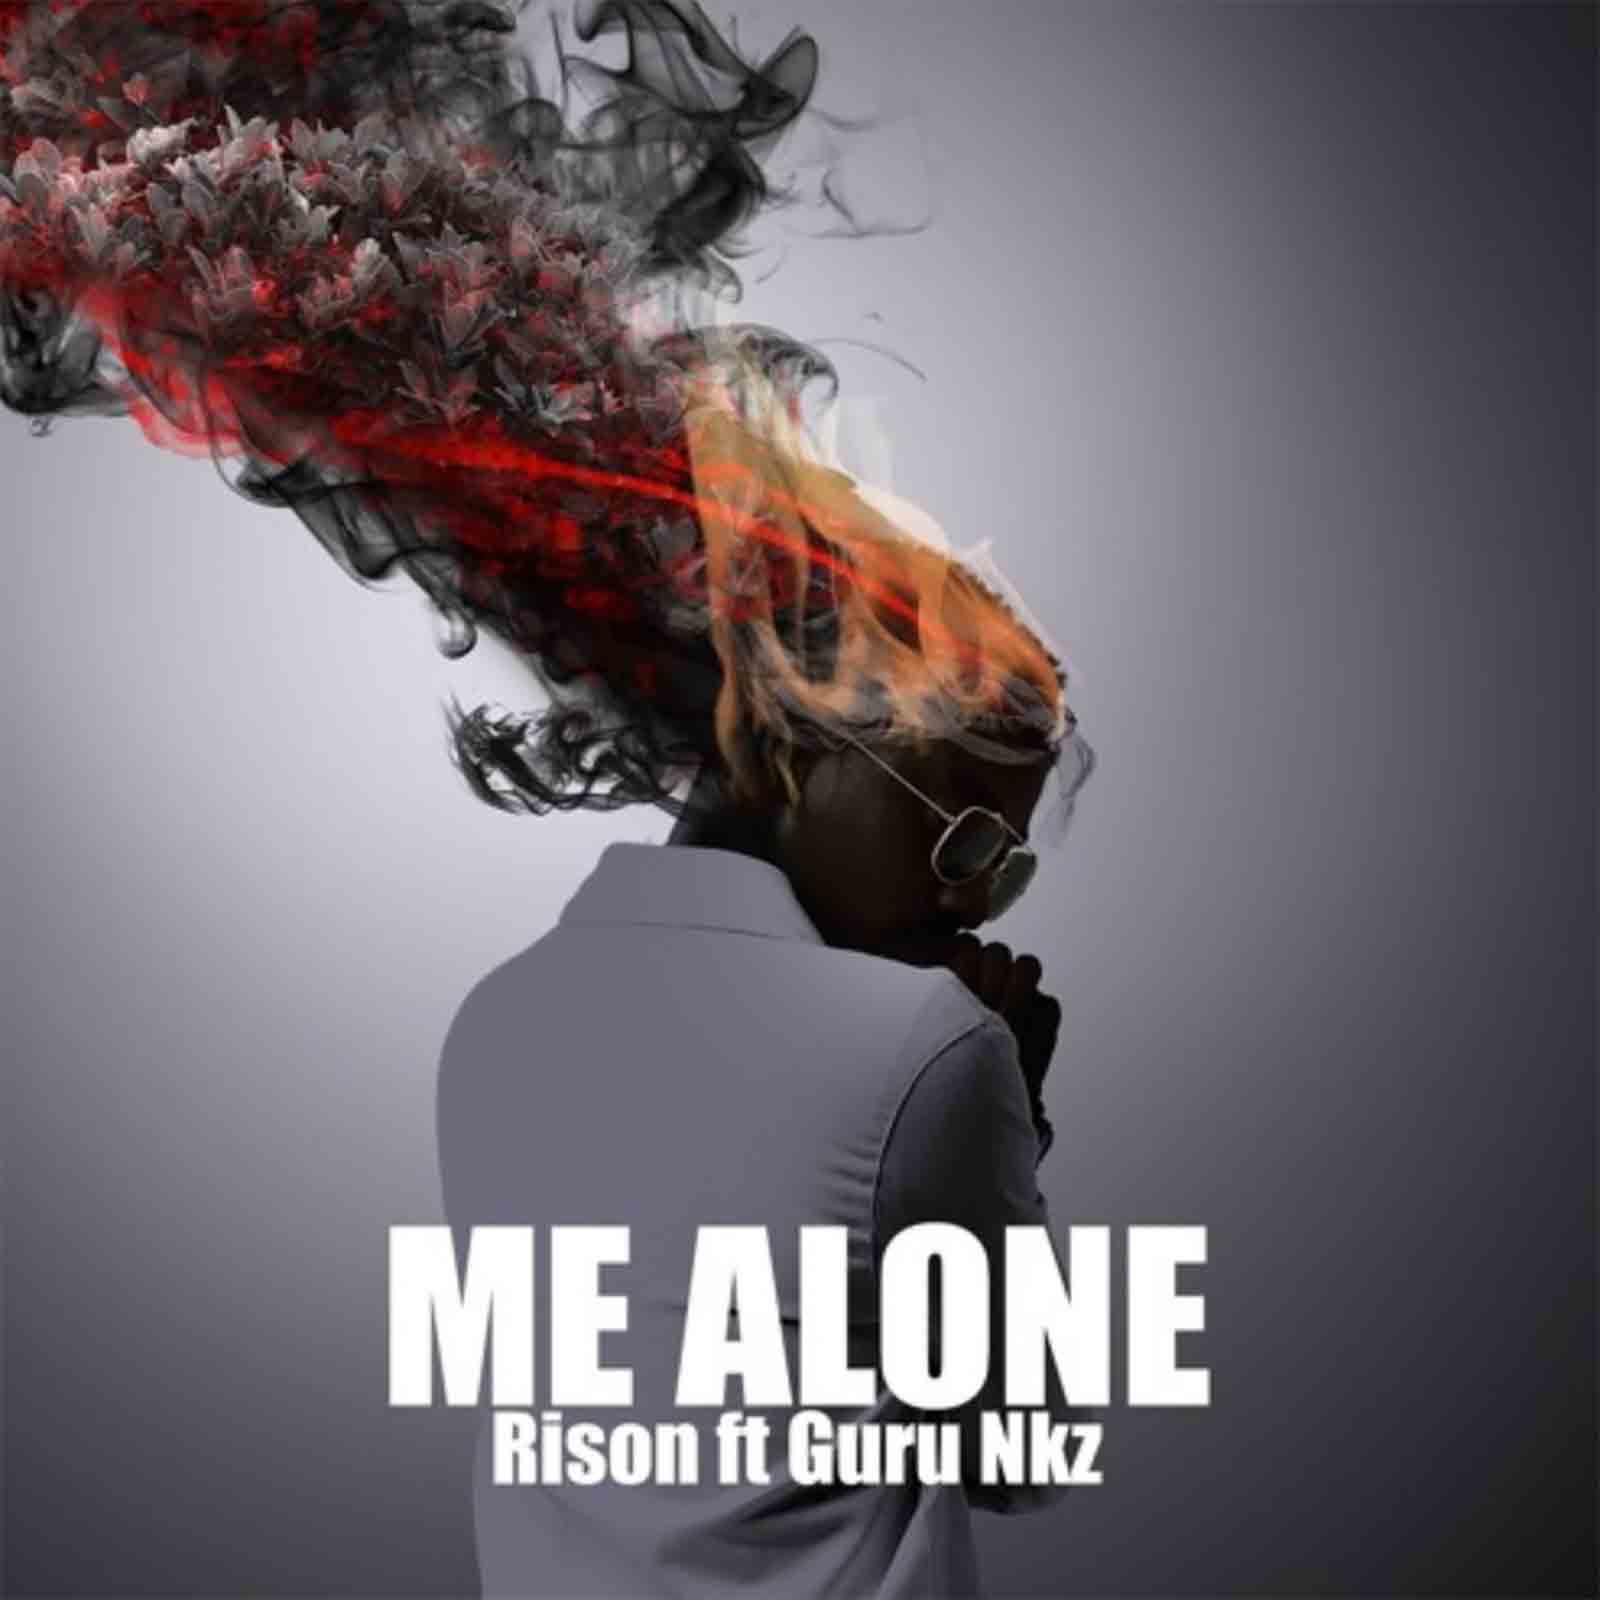 Me Alone by Rison feat. Guru